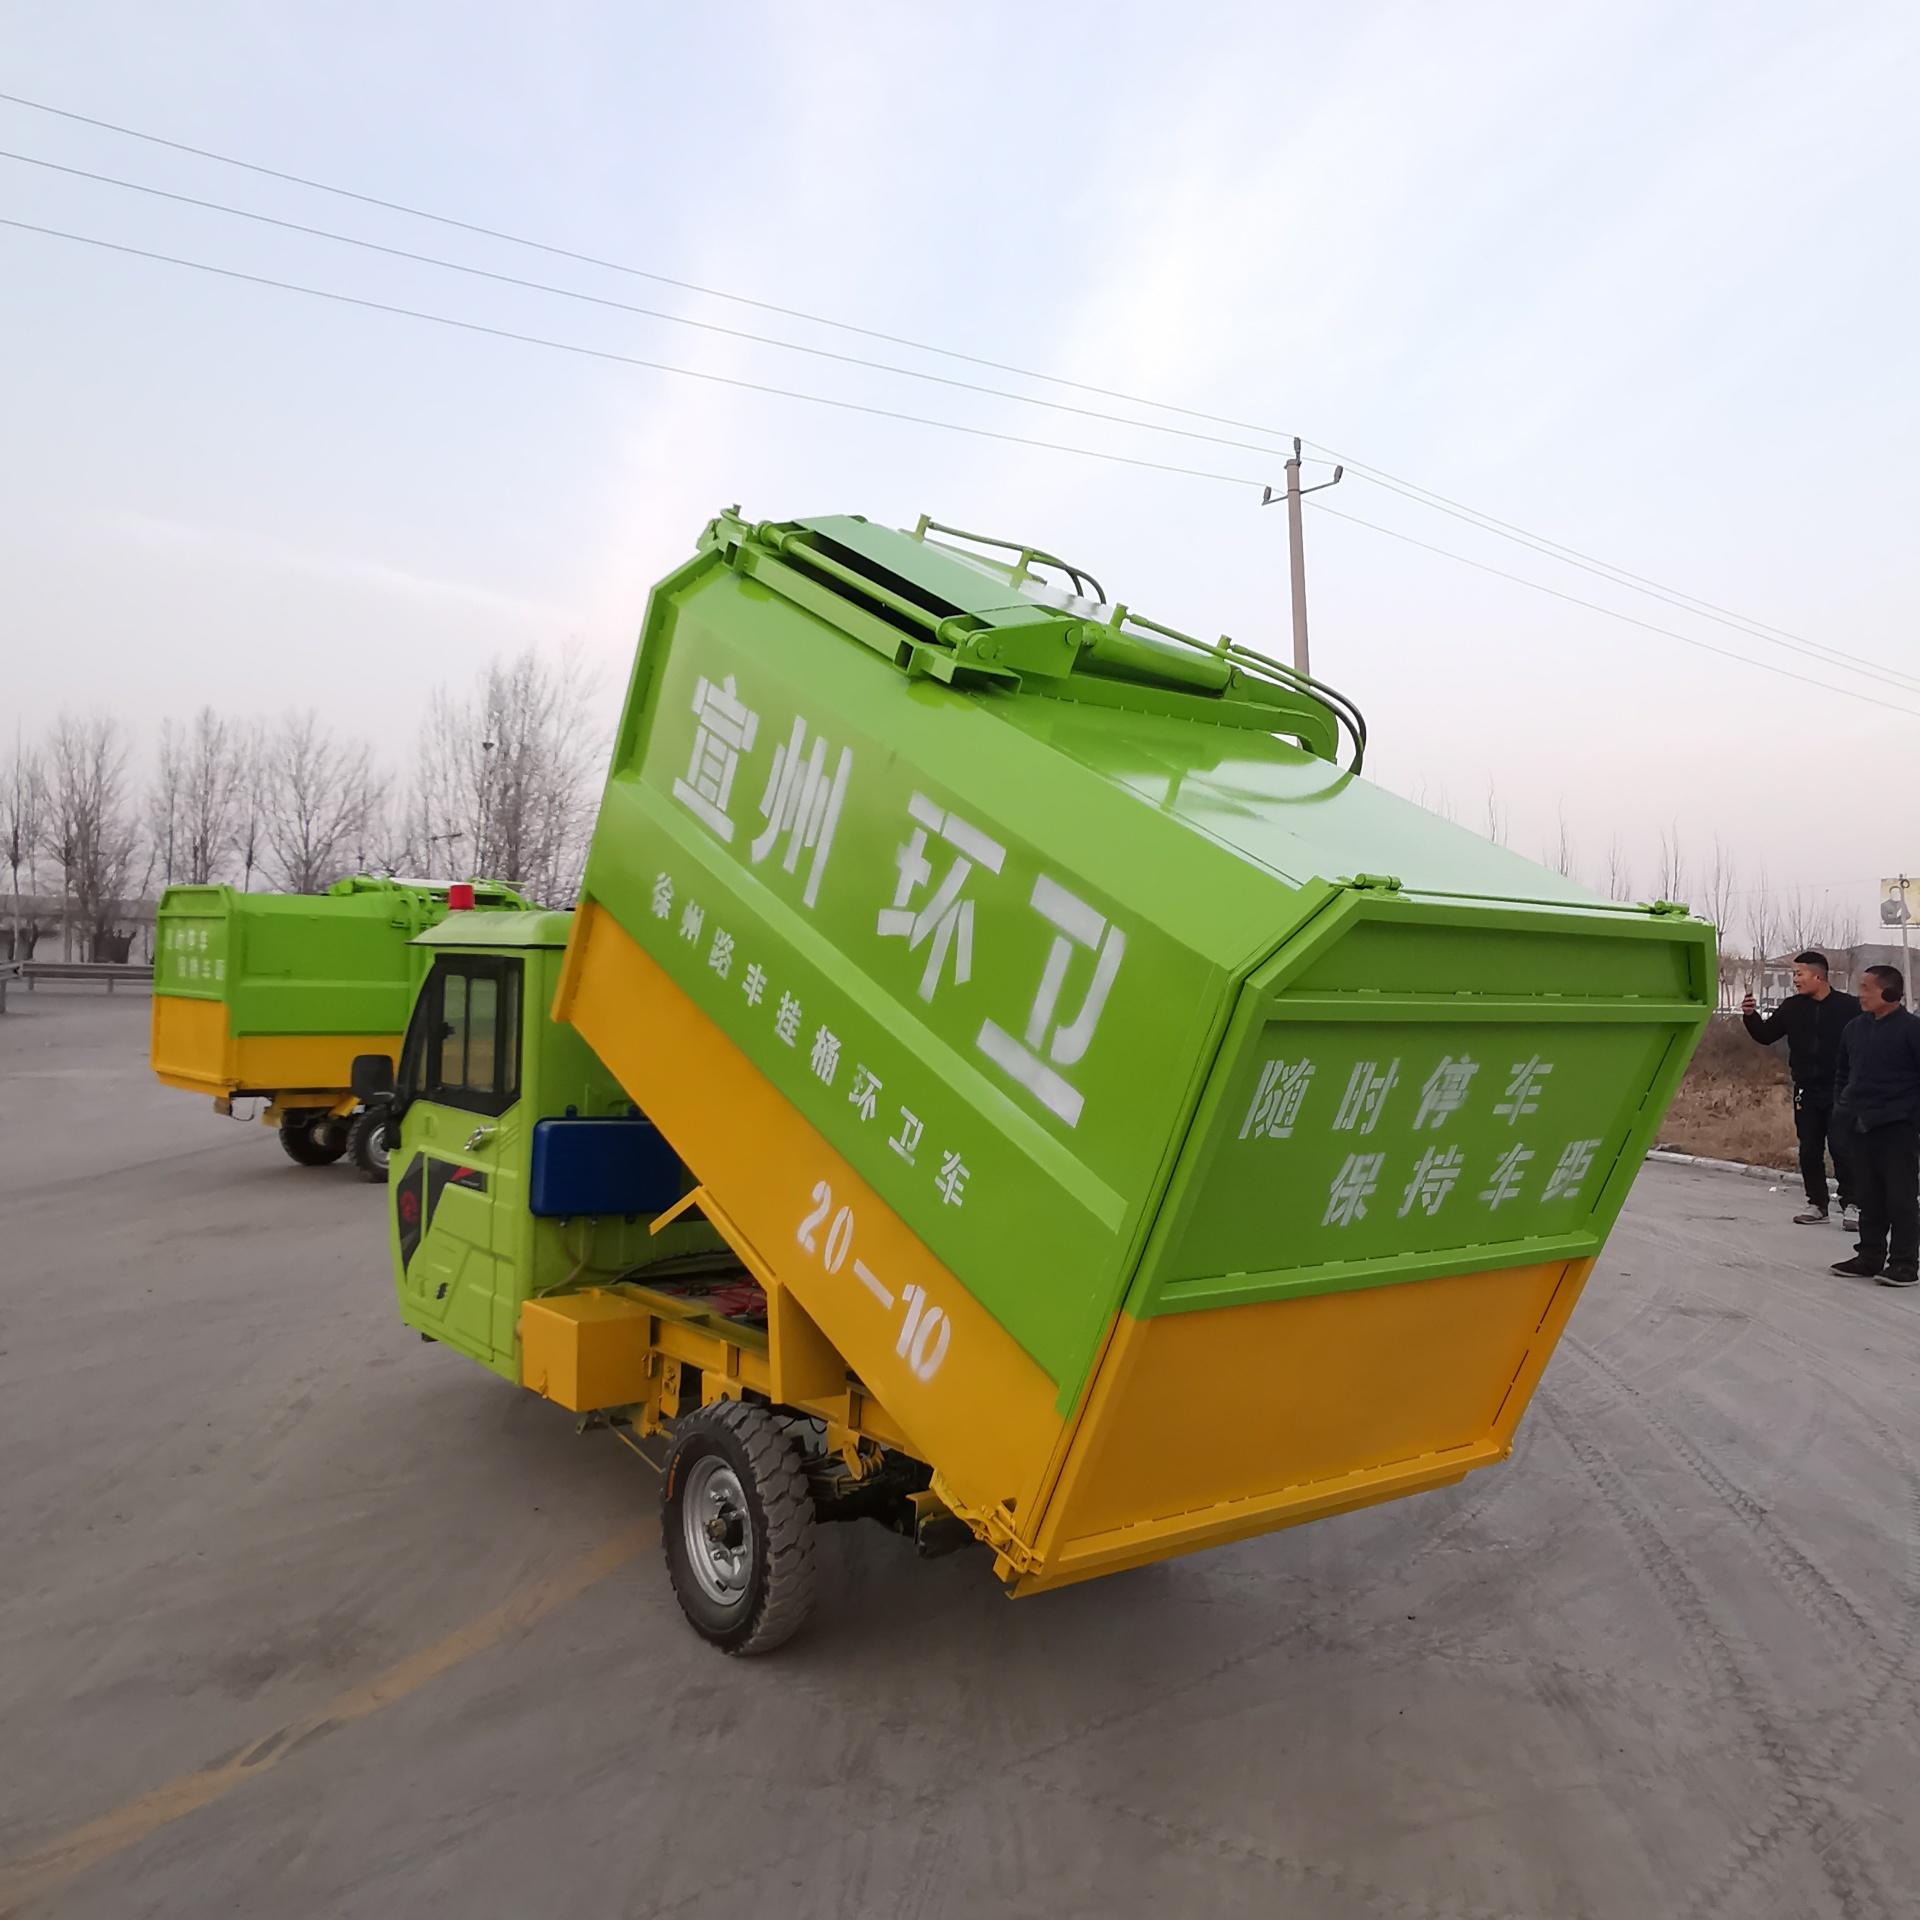 电动挂桶垃圾车 小区物业垃圾清运车 电动拉垃圾车 正谦 质量可靠示例图2